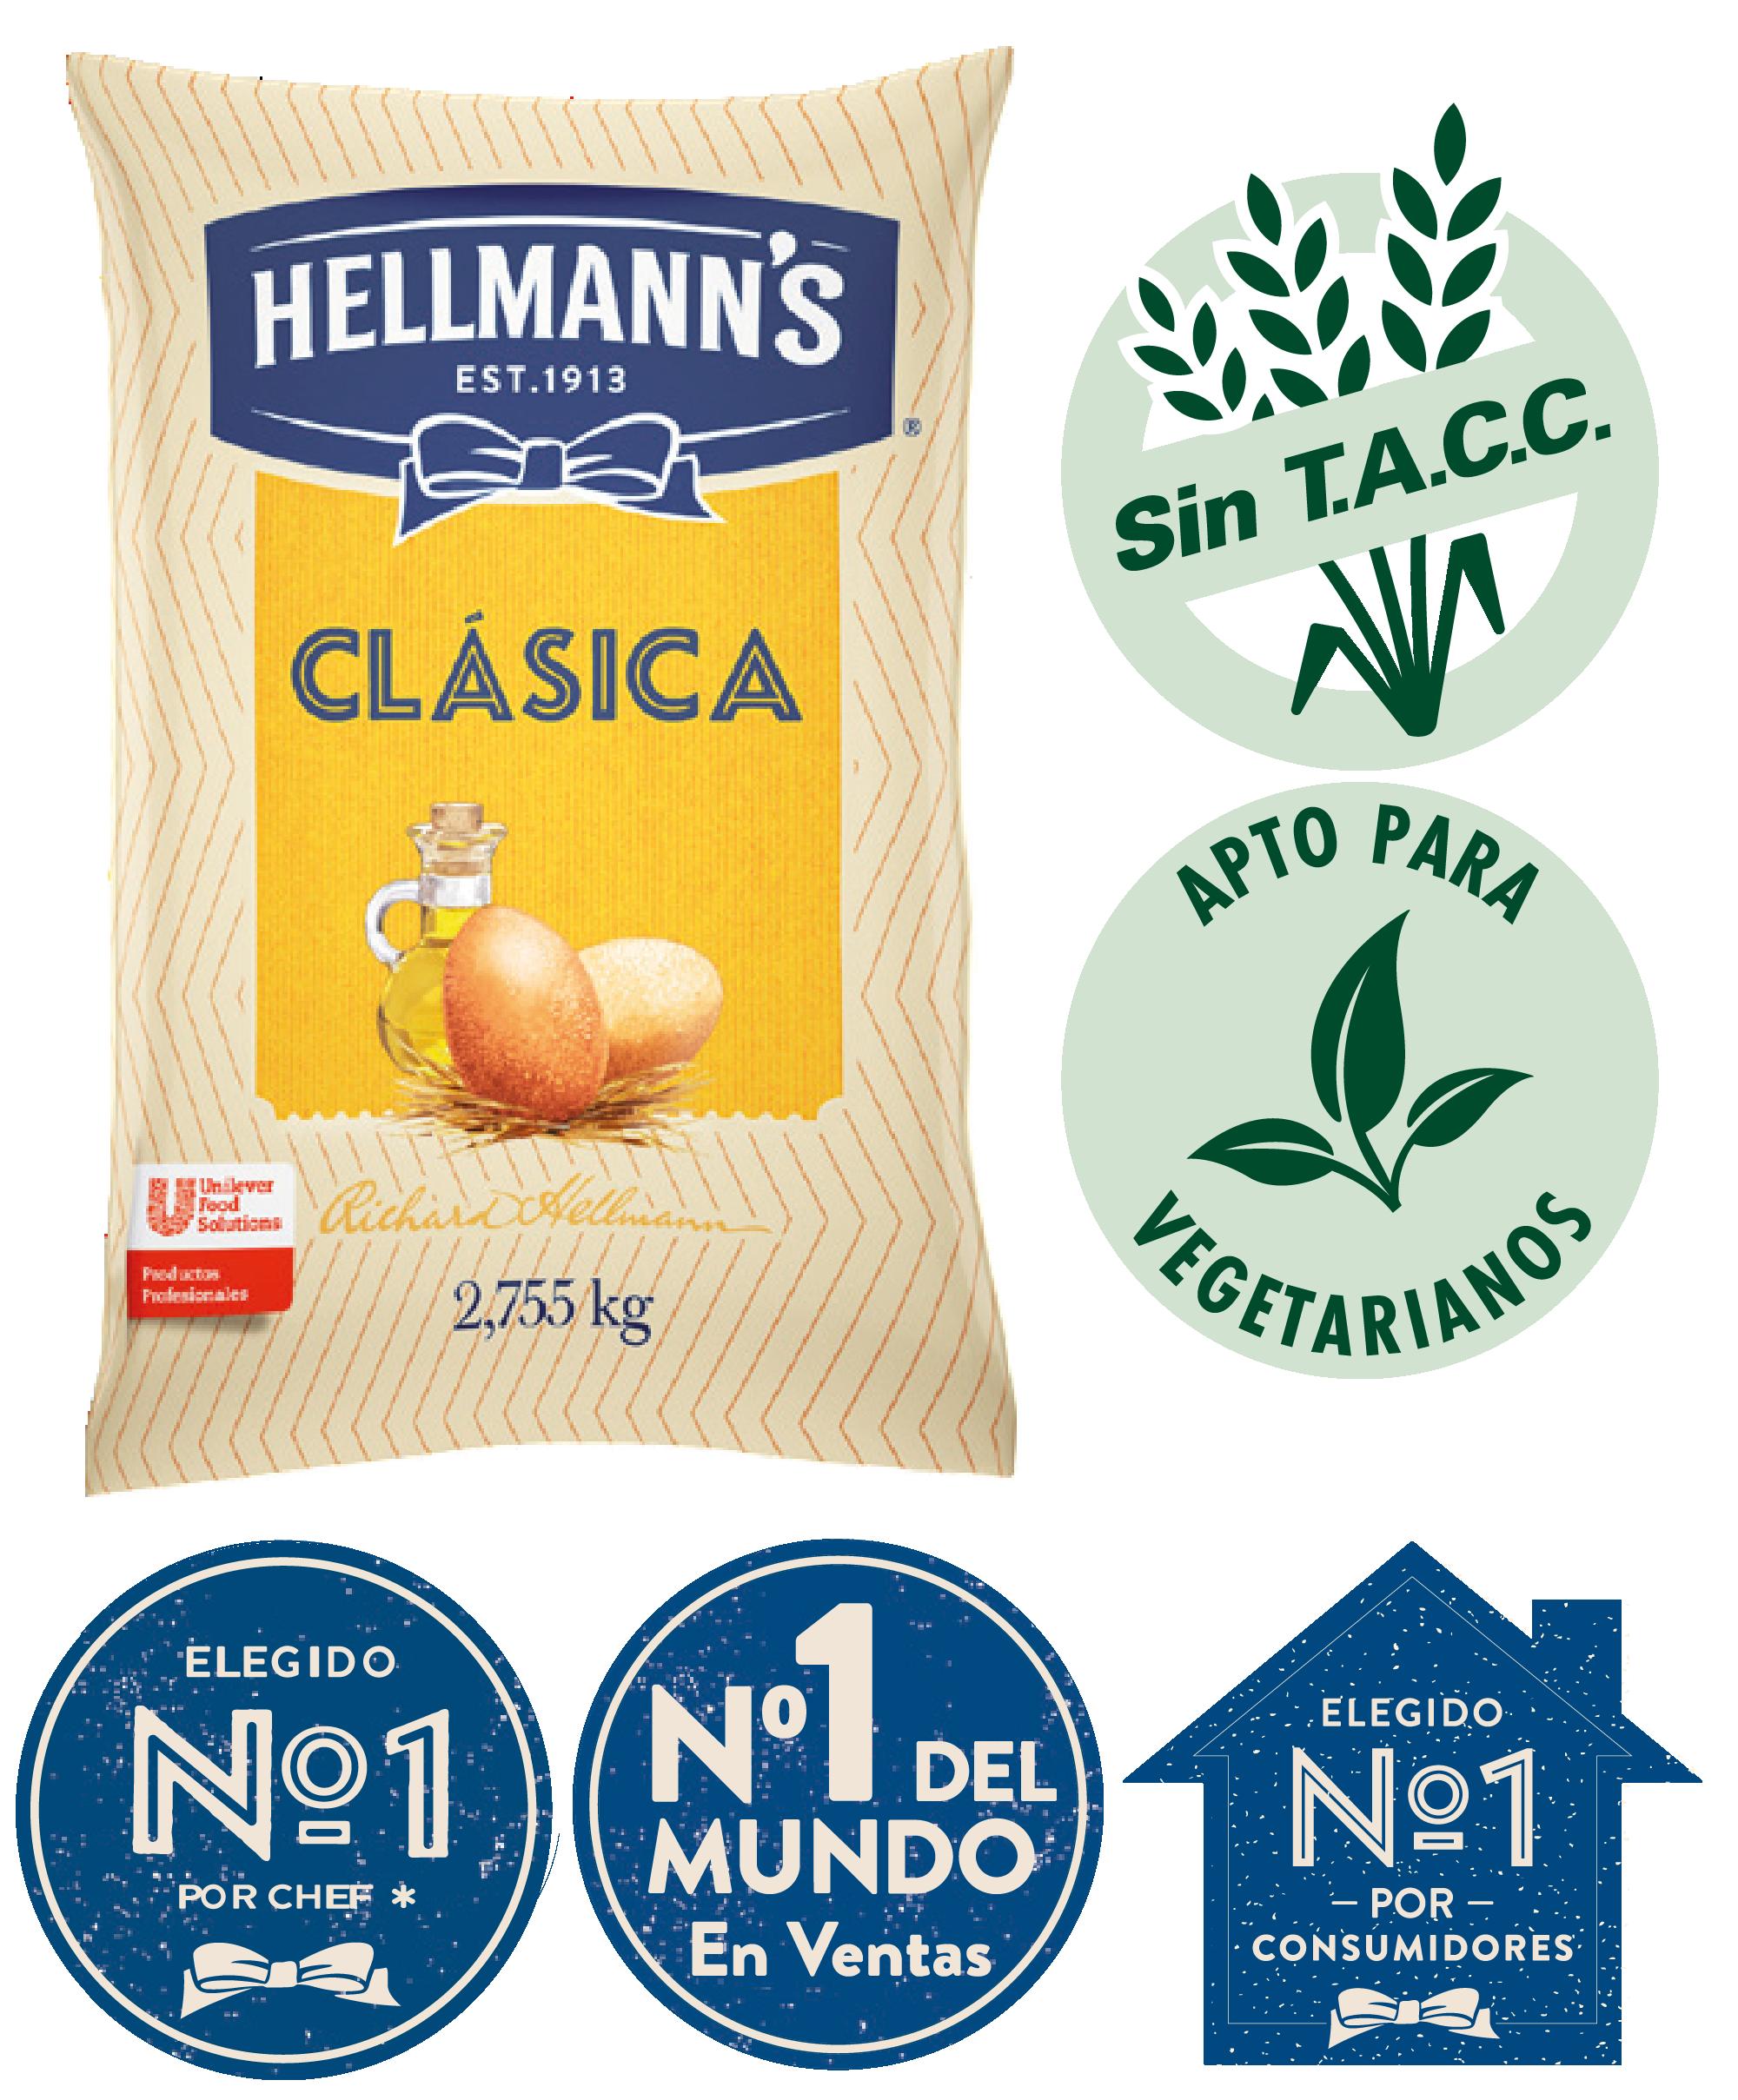 Mayonesa Clásica Hellmann's 2.9 KG - Proba el irresistible sabor de Hellmann's, ahora con huevos de campo y aceite de origen sustentable.